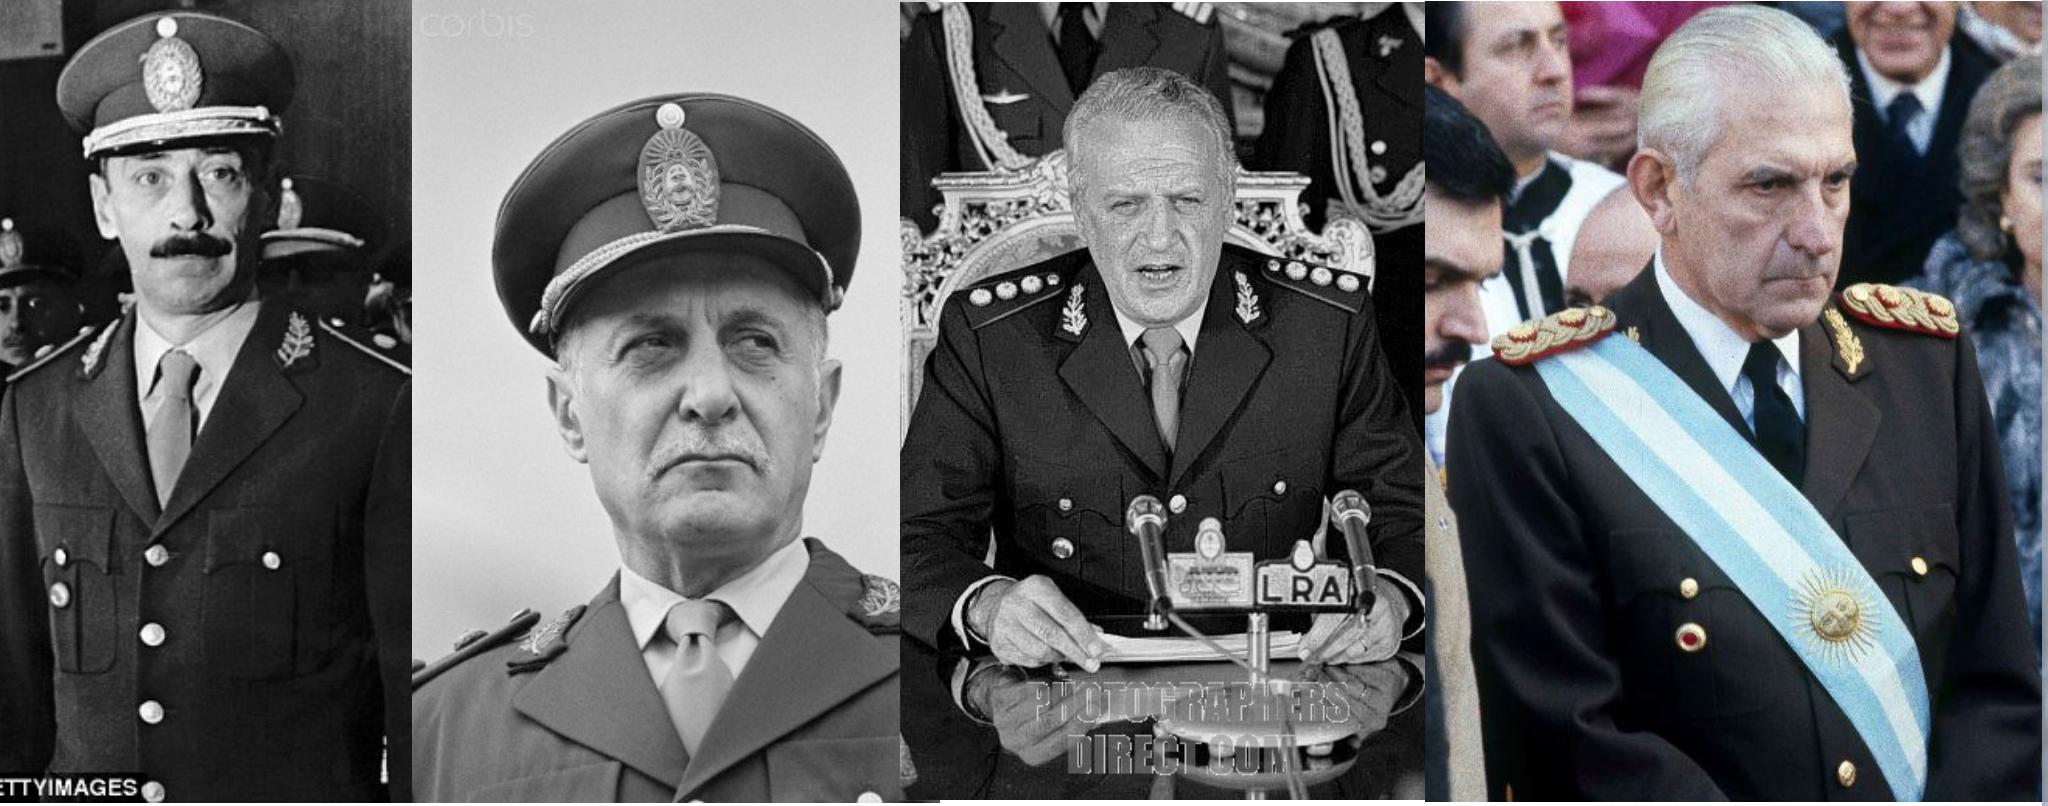 Dictadura militar en Argentina (1976-1983): Rafael Videla, Roberto Viola, Leopoldo Galtieri y Reinaldo Bignone. Bajo este régimen también se implementaron medidas tendientes a liberalizar el mercado.